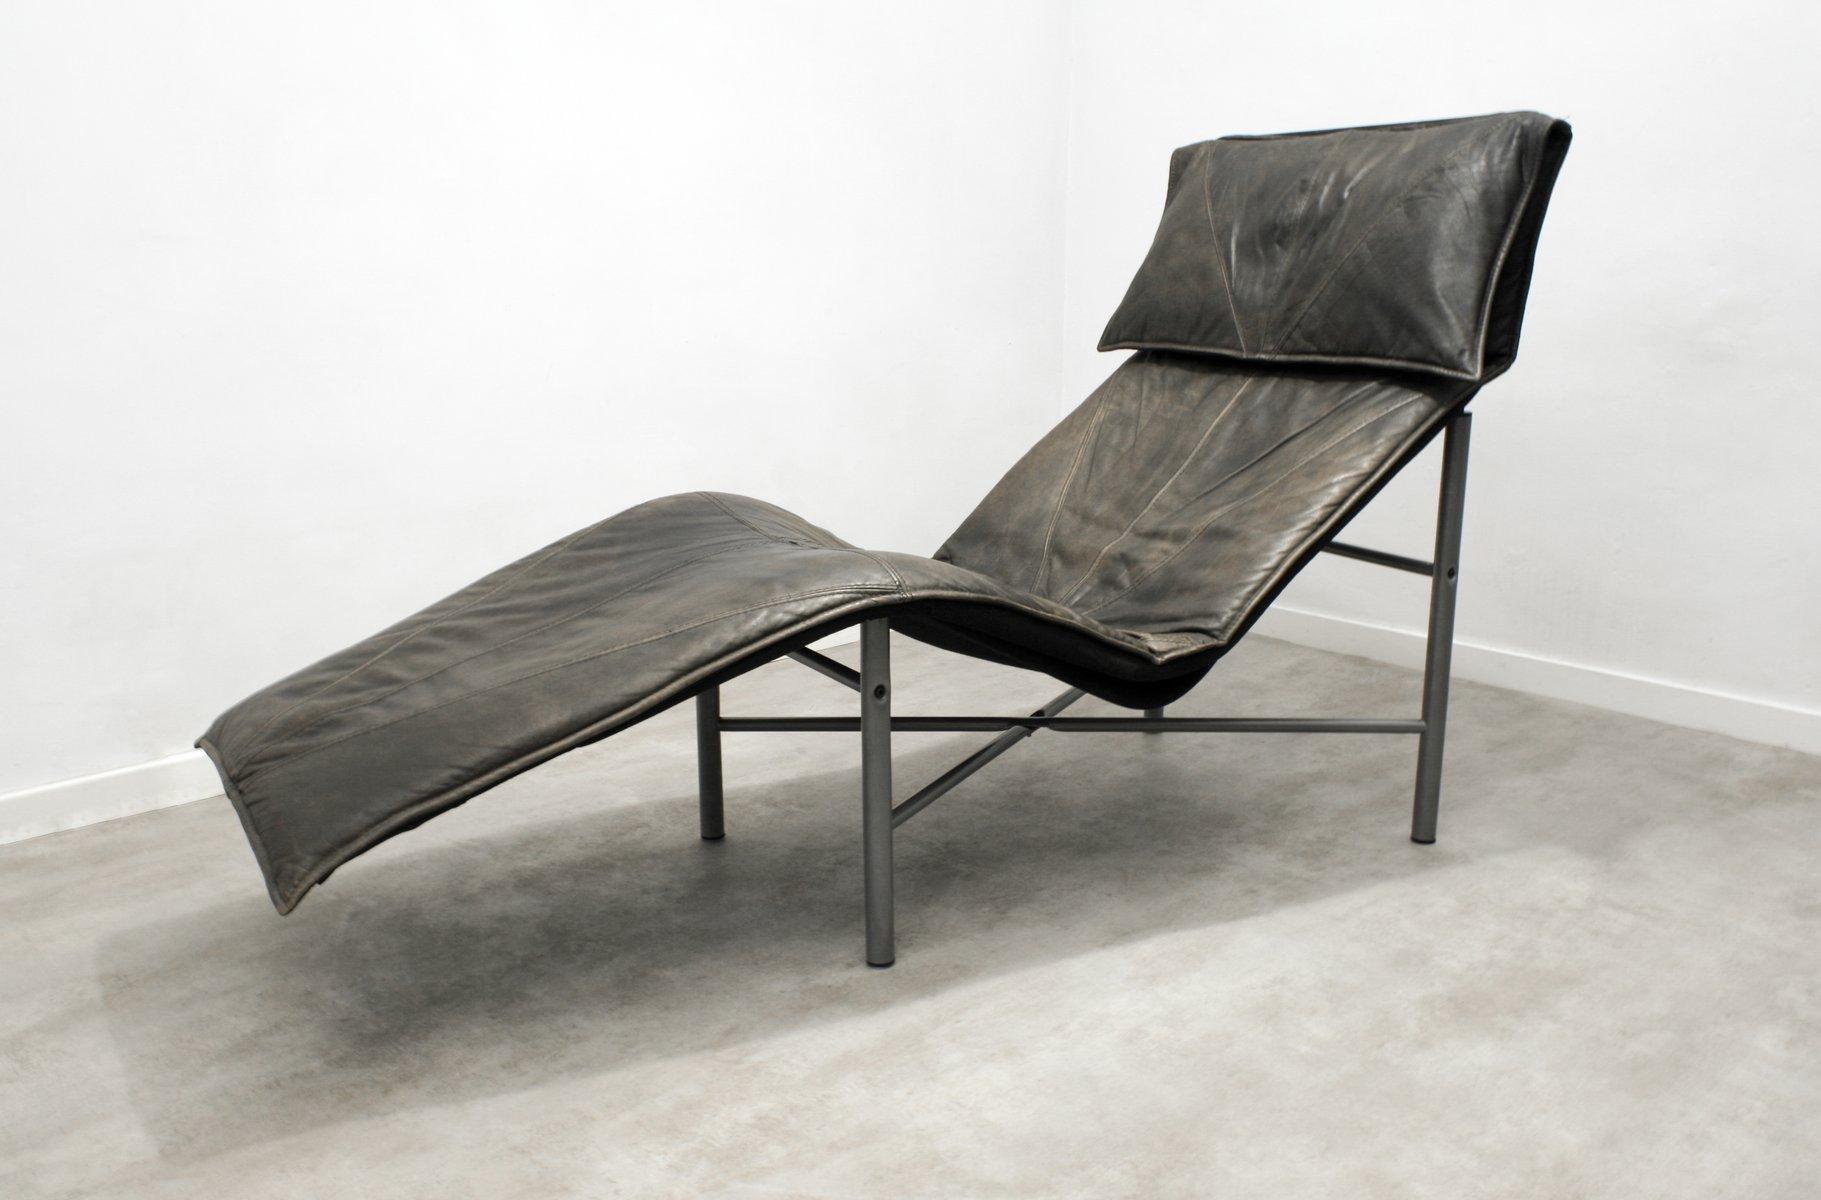 chaise longue skye en cuir marron par tord bj rklund pour ikea 1980s en vente sur pamono. Black Bedroom Furniture Sets. Home Design Ideas